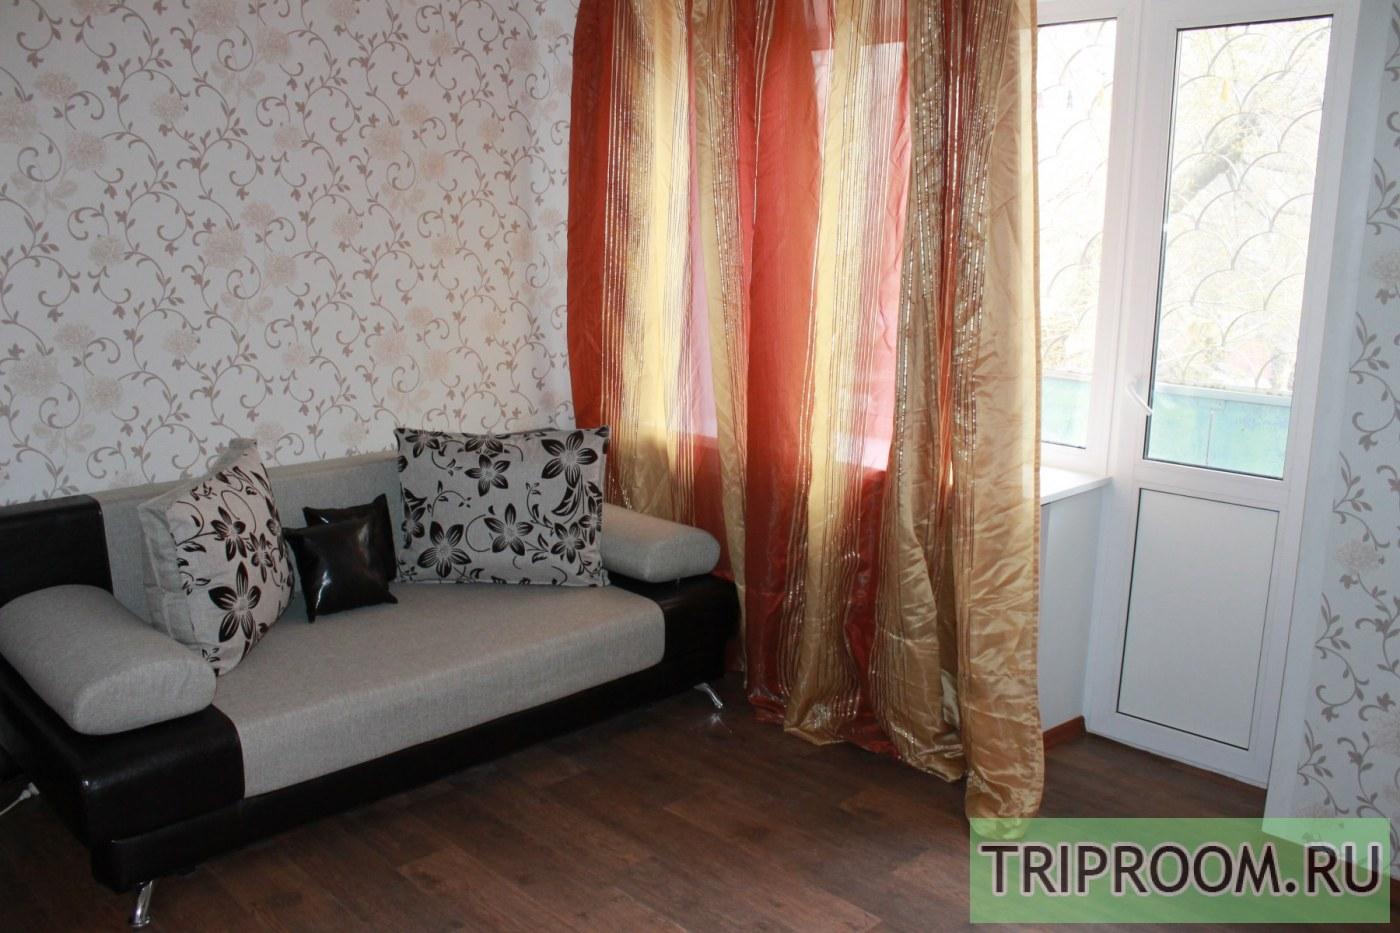 2-комнатная квартира посуточно (вариант № 40137), ул. Новоузенская улица, фото № 1